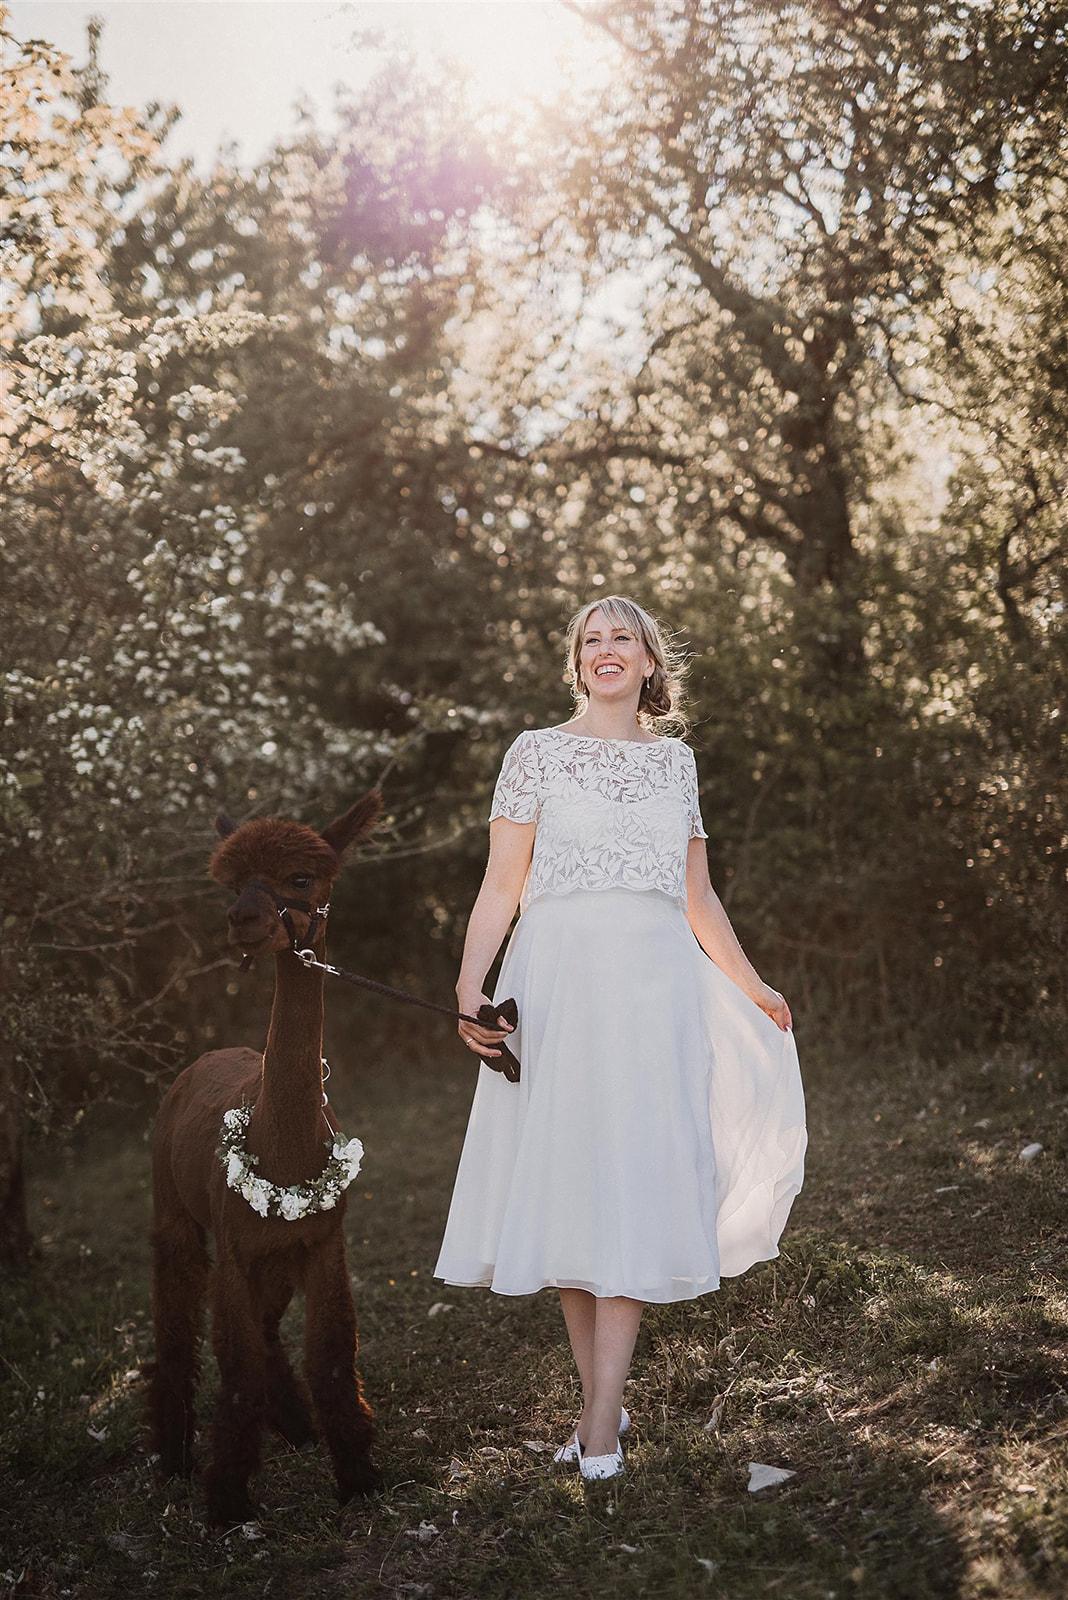 Braut mit Kurzarmtop mit Boho-Muster und Midi-Rock aus Chiffon vor blühenden Bäumen, lachend